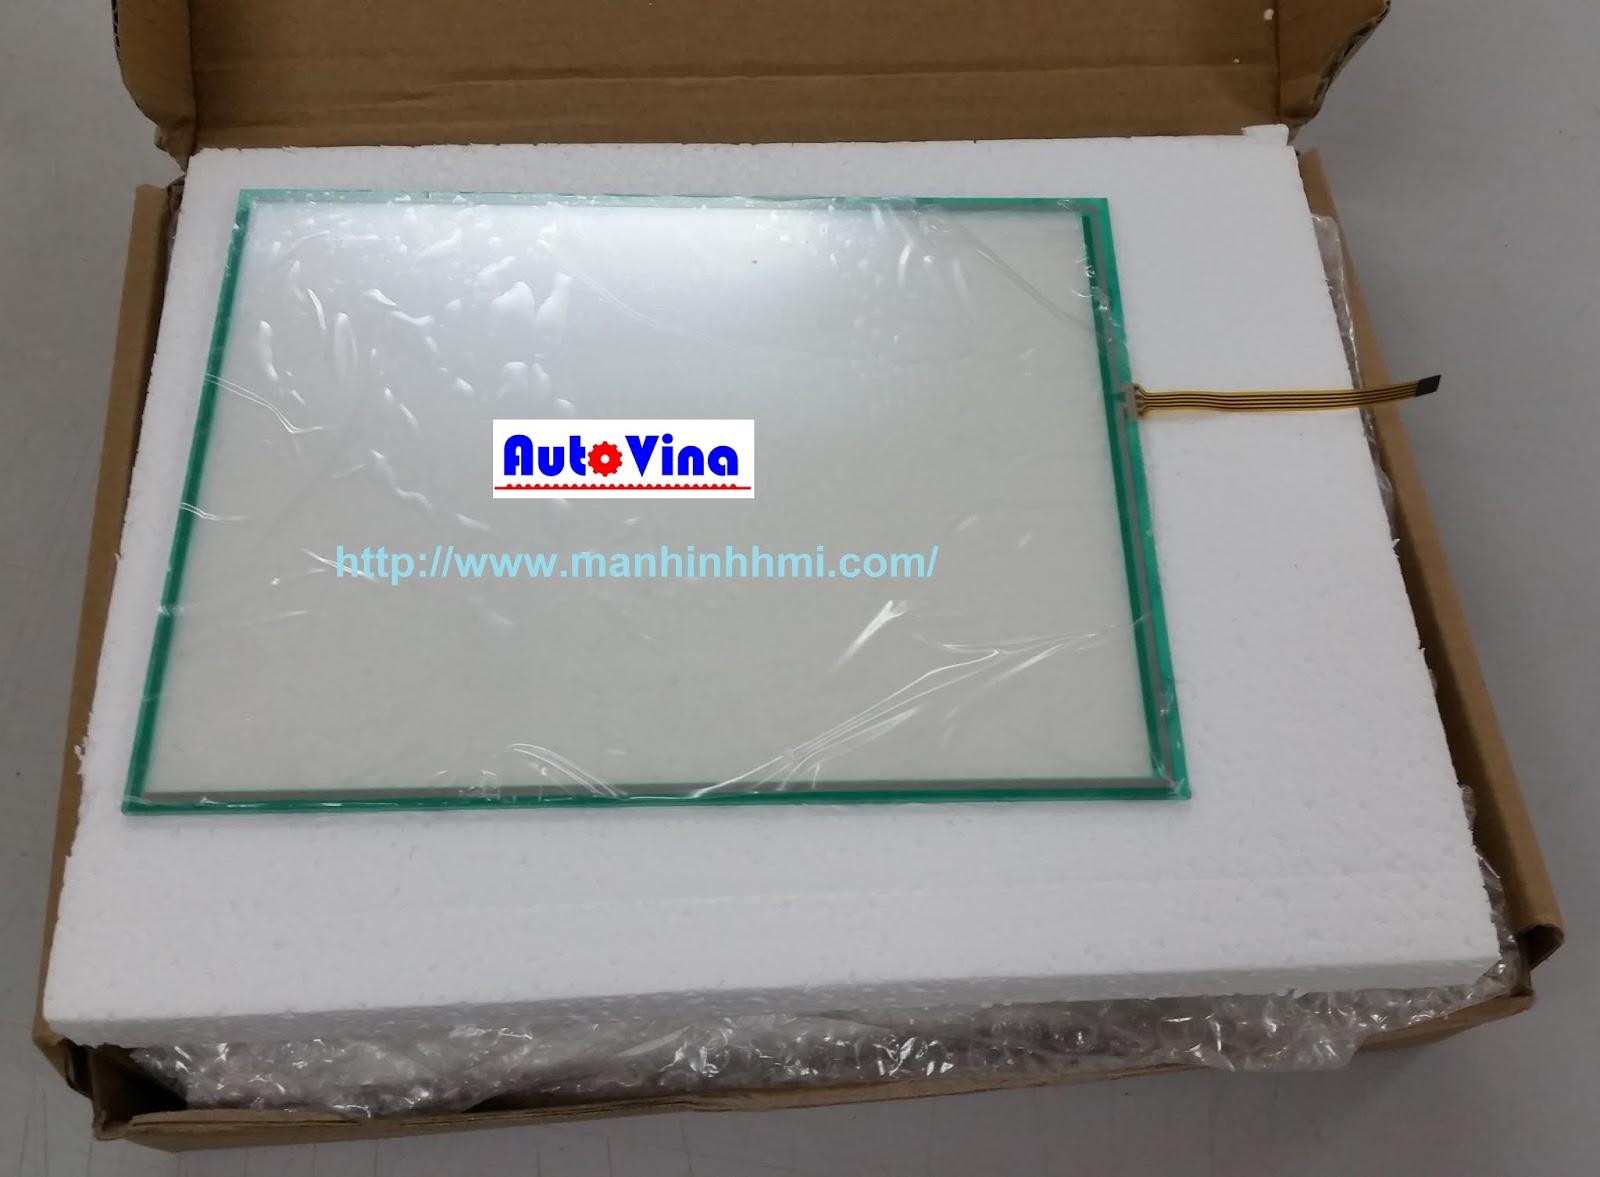 Sửa chữa, thay tấm cảm ứng - kính cảm ứng - lớp cảm ứng màn hình HMI hãng Mitsubishi GT12 series - GOT1000 - GT1275-VNBA